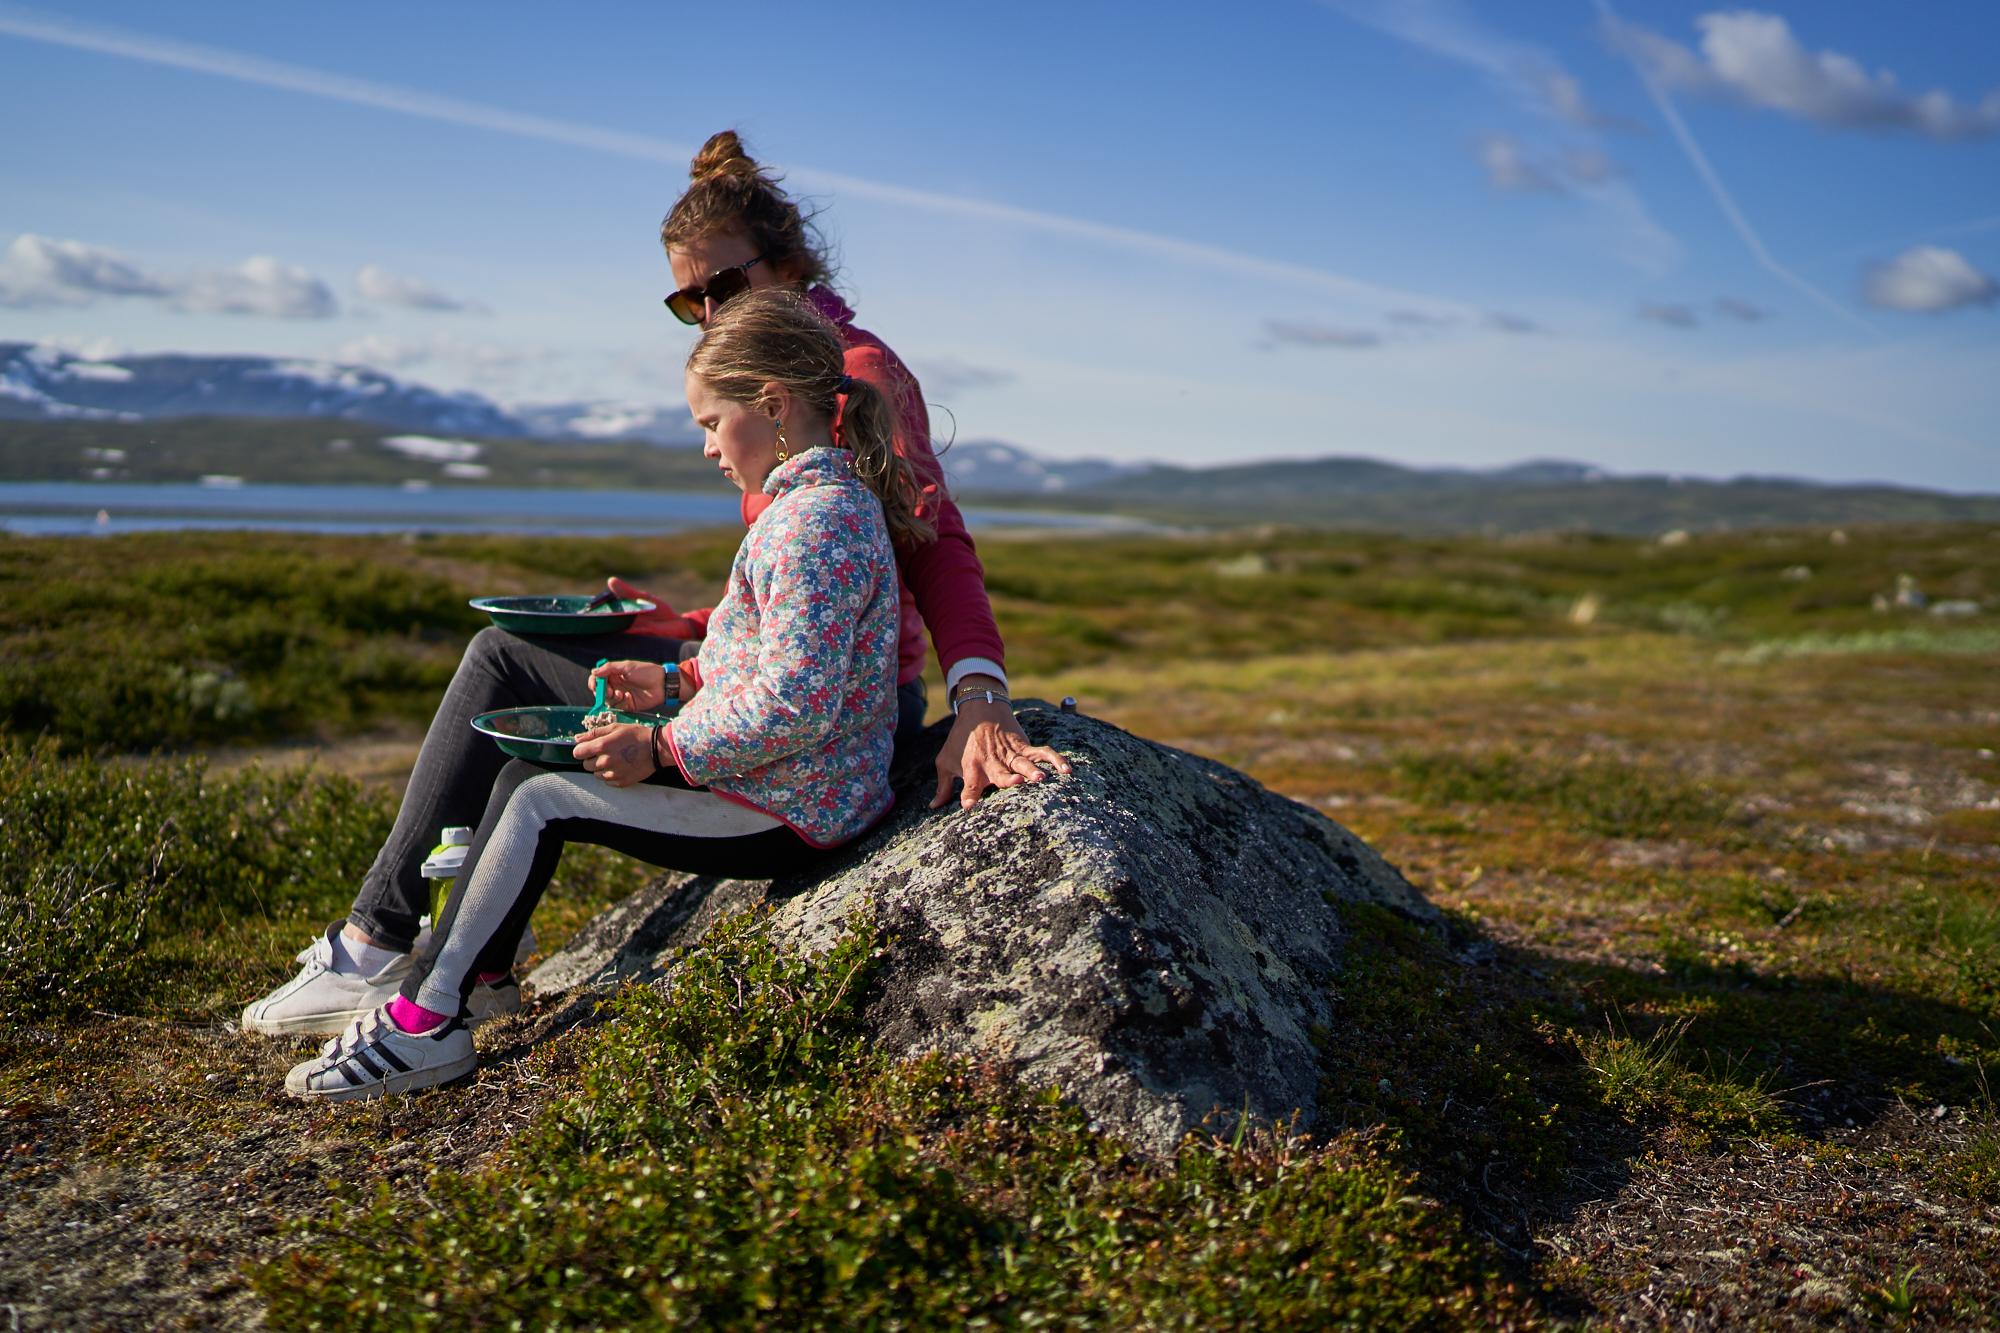 20190710-Zweden-S19-NIK08204.jpg